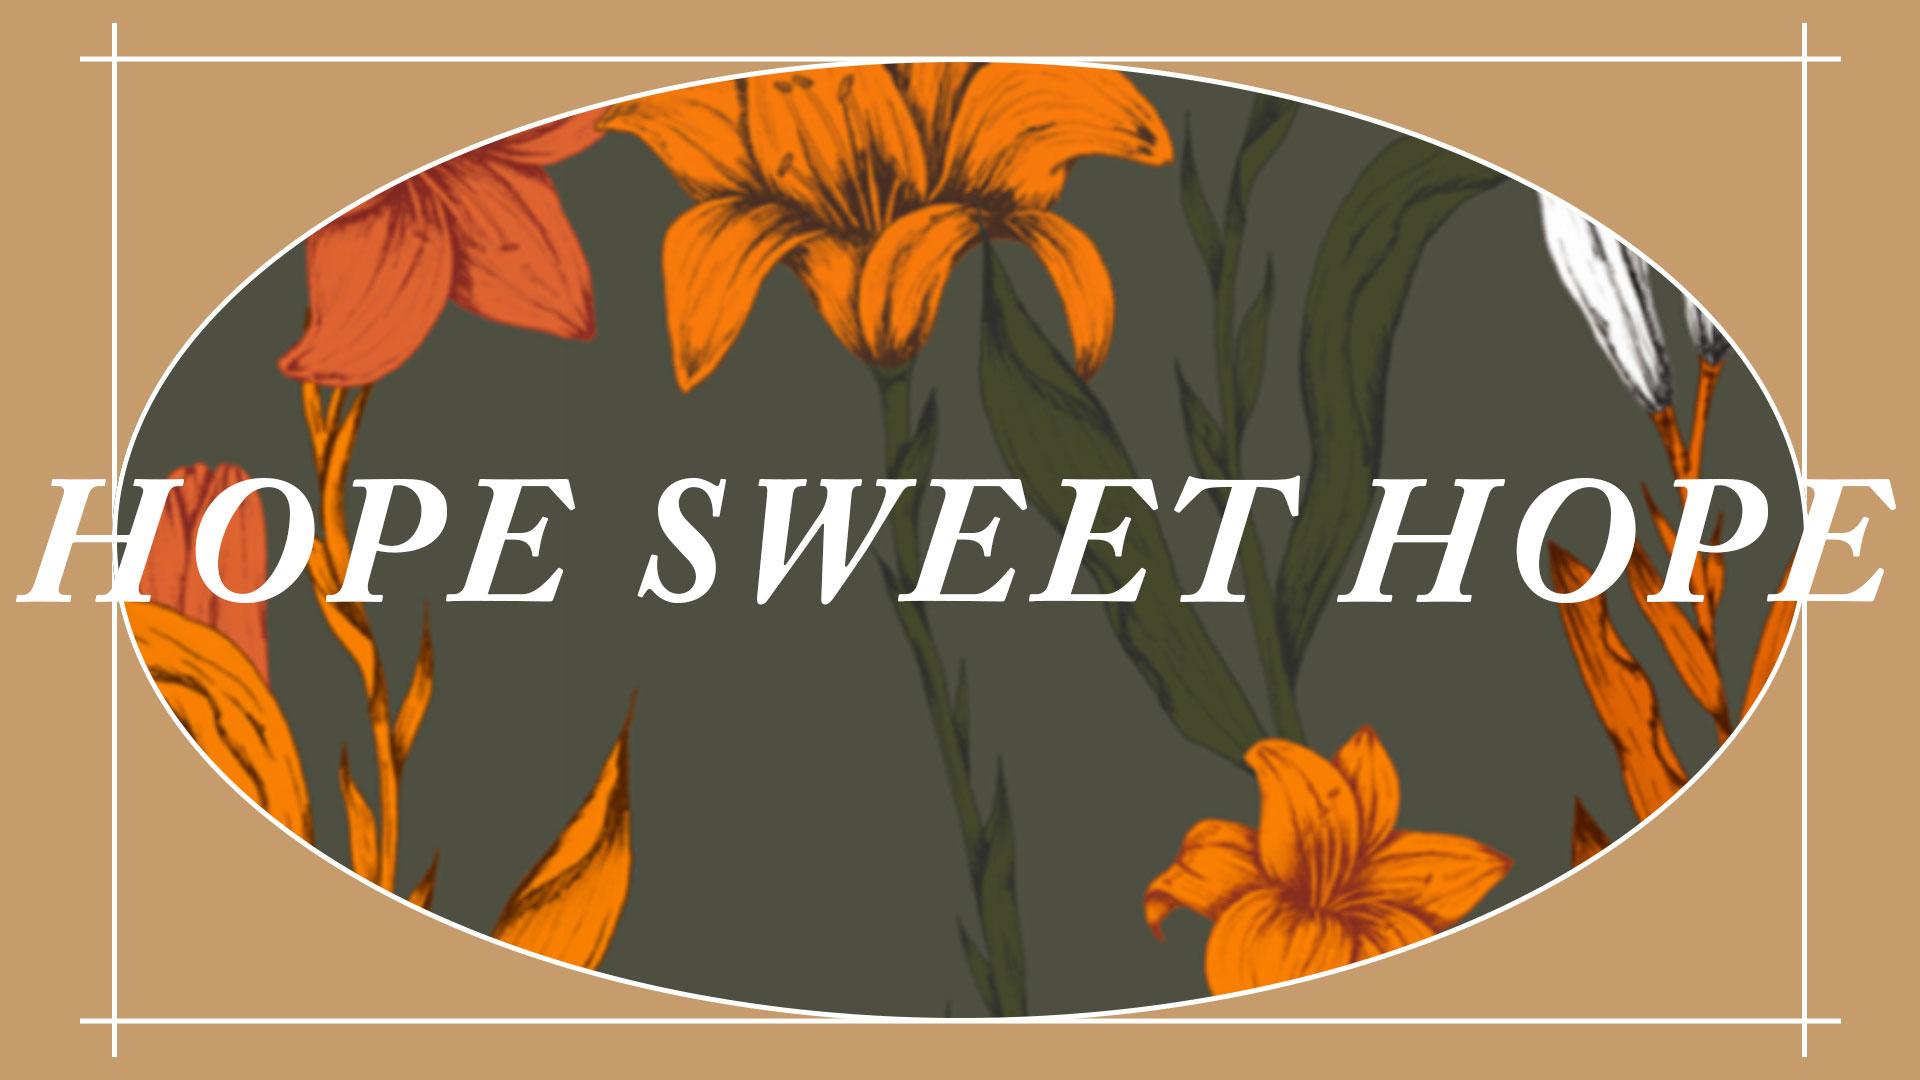 Series: Hope Sweet Hope